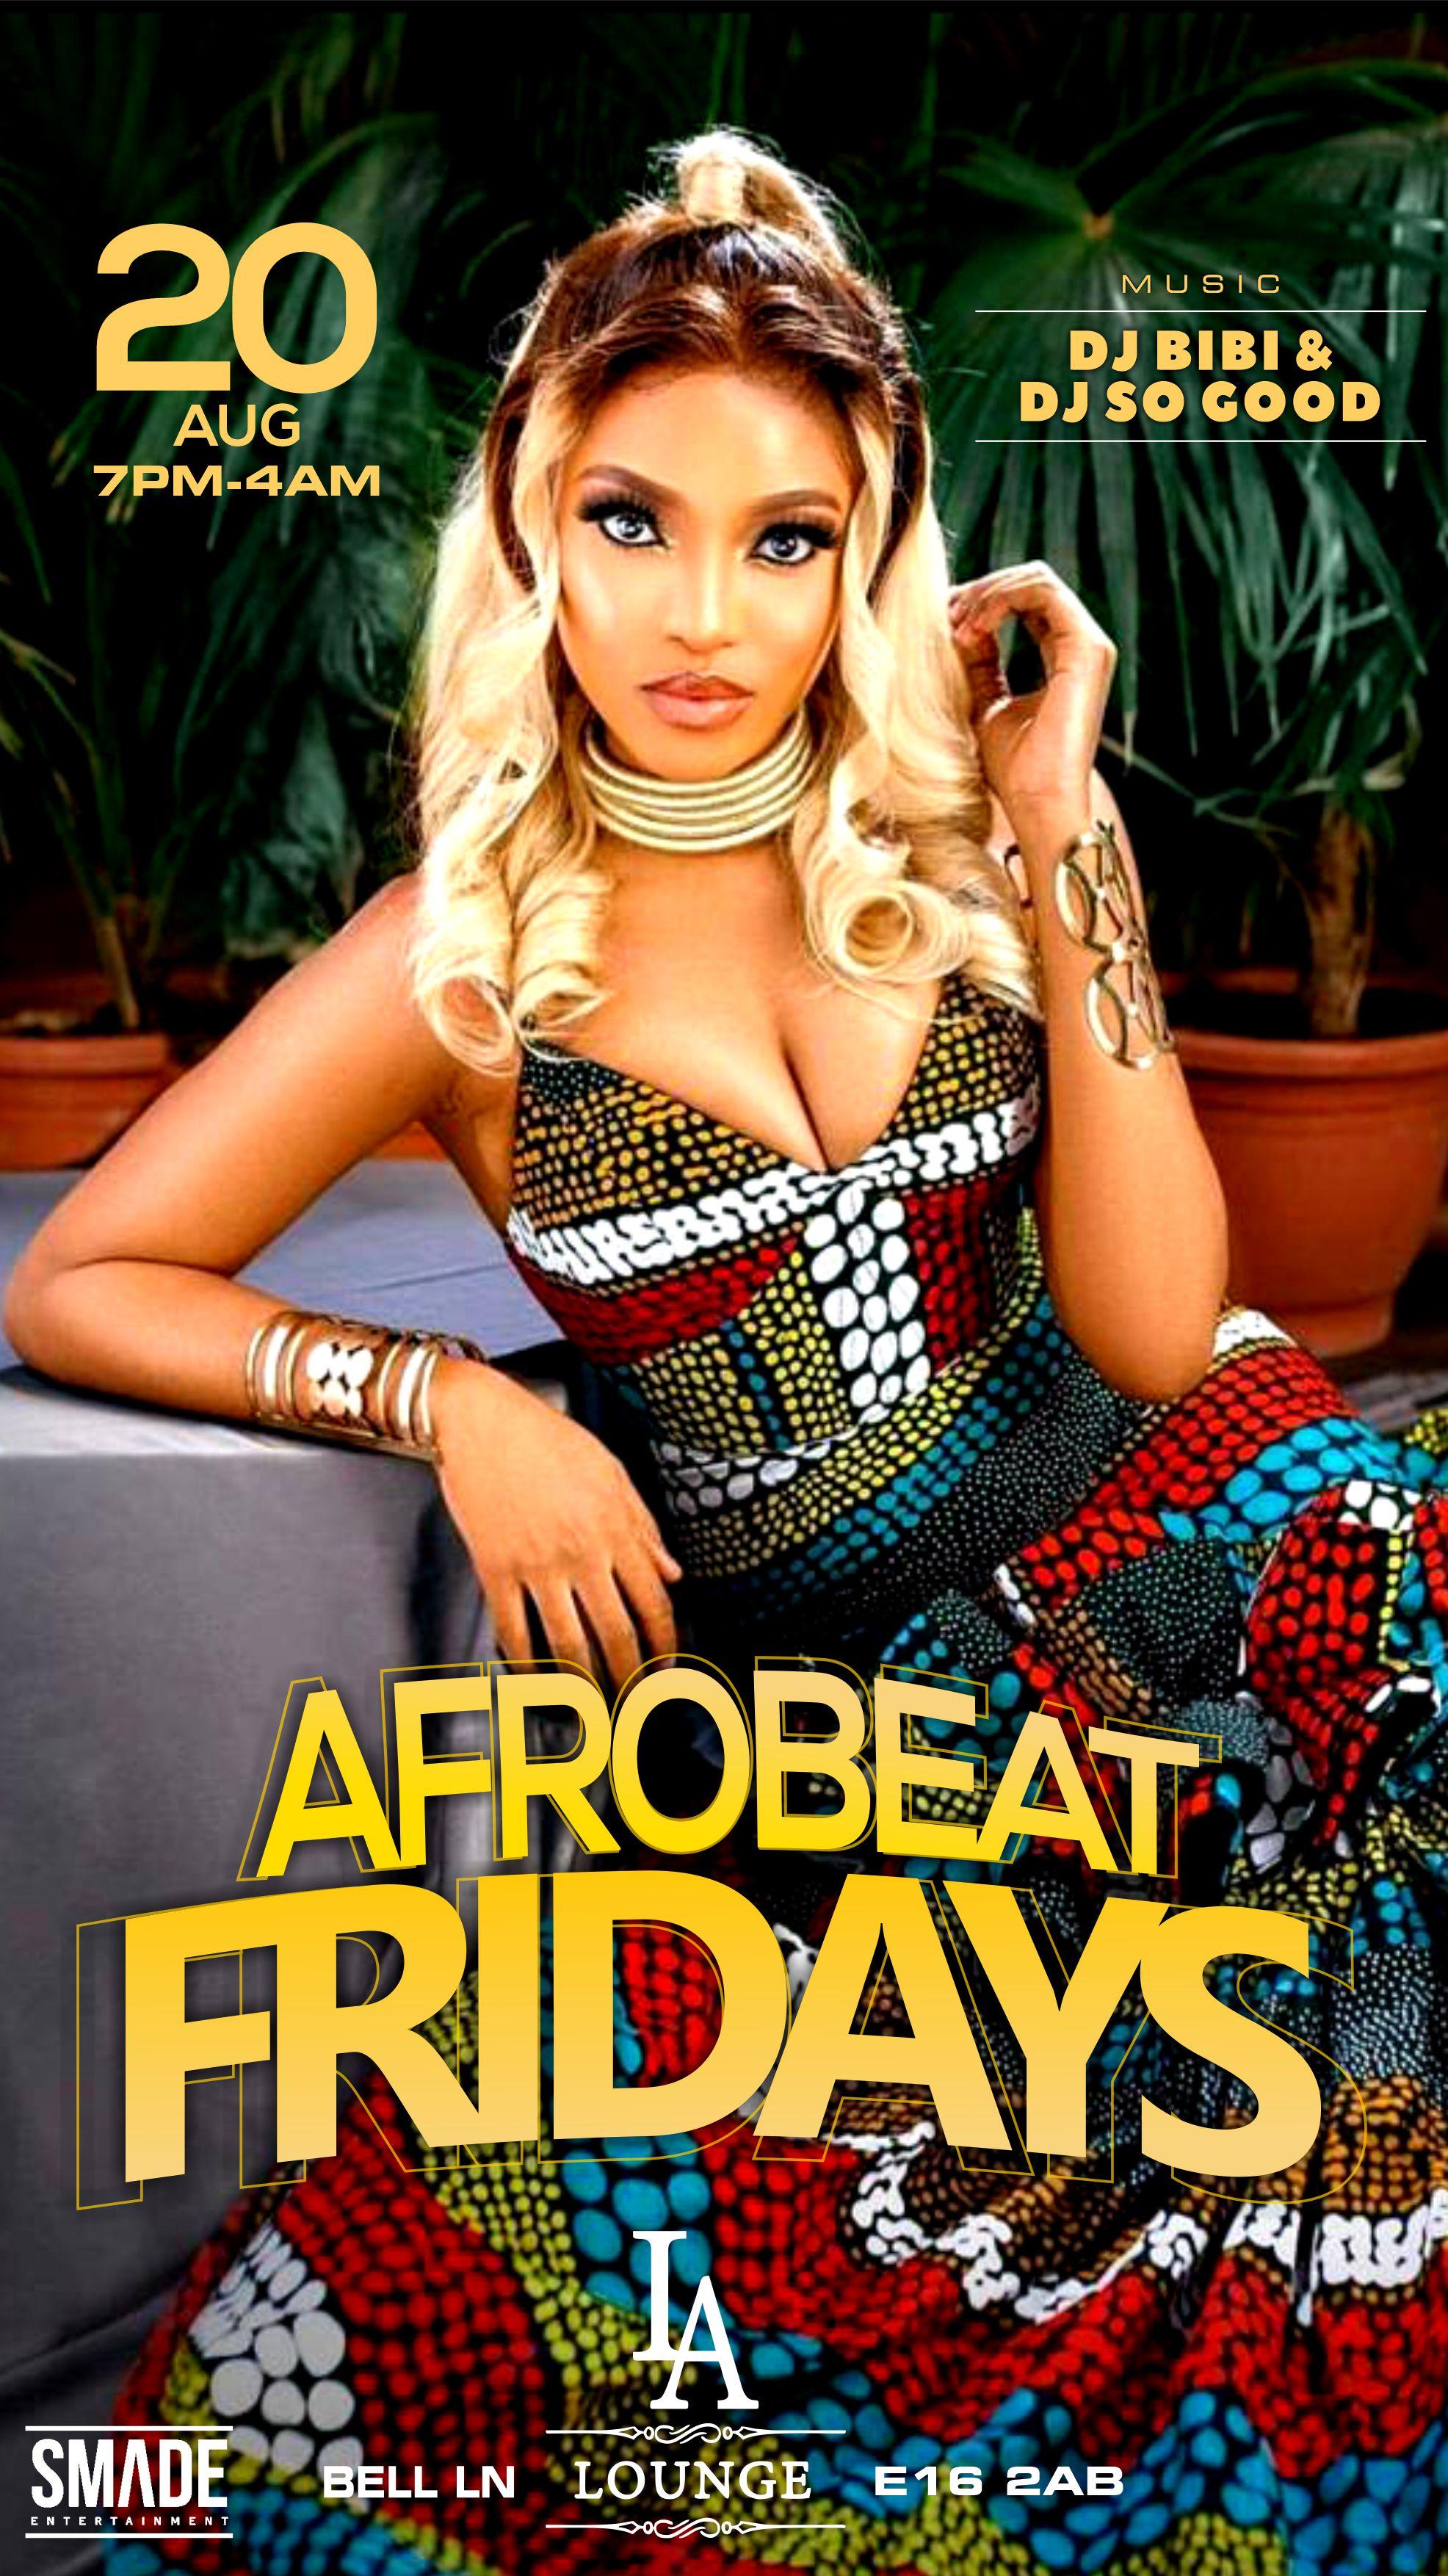 AfroBeat Fridays AUG 20 - SMADEPARTIES